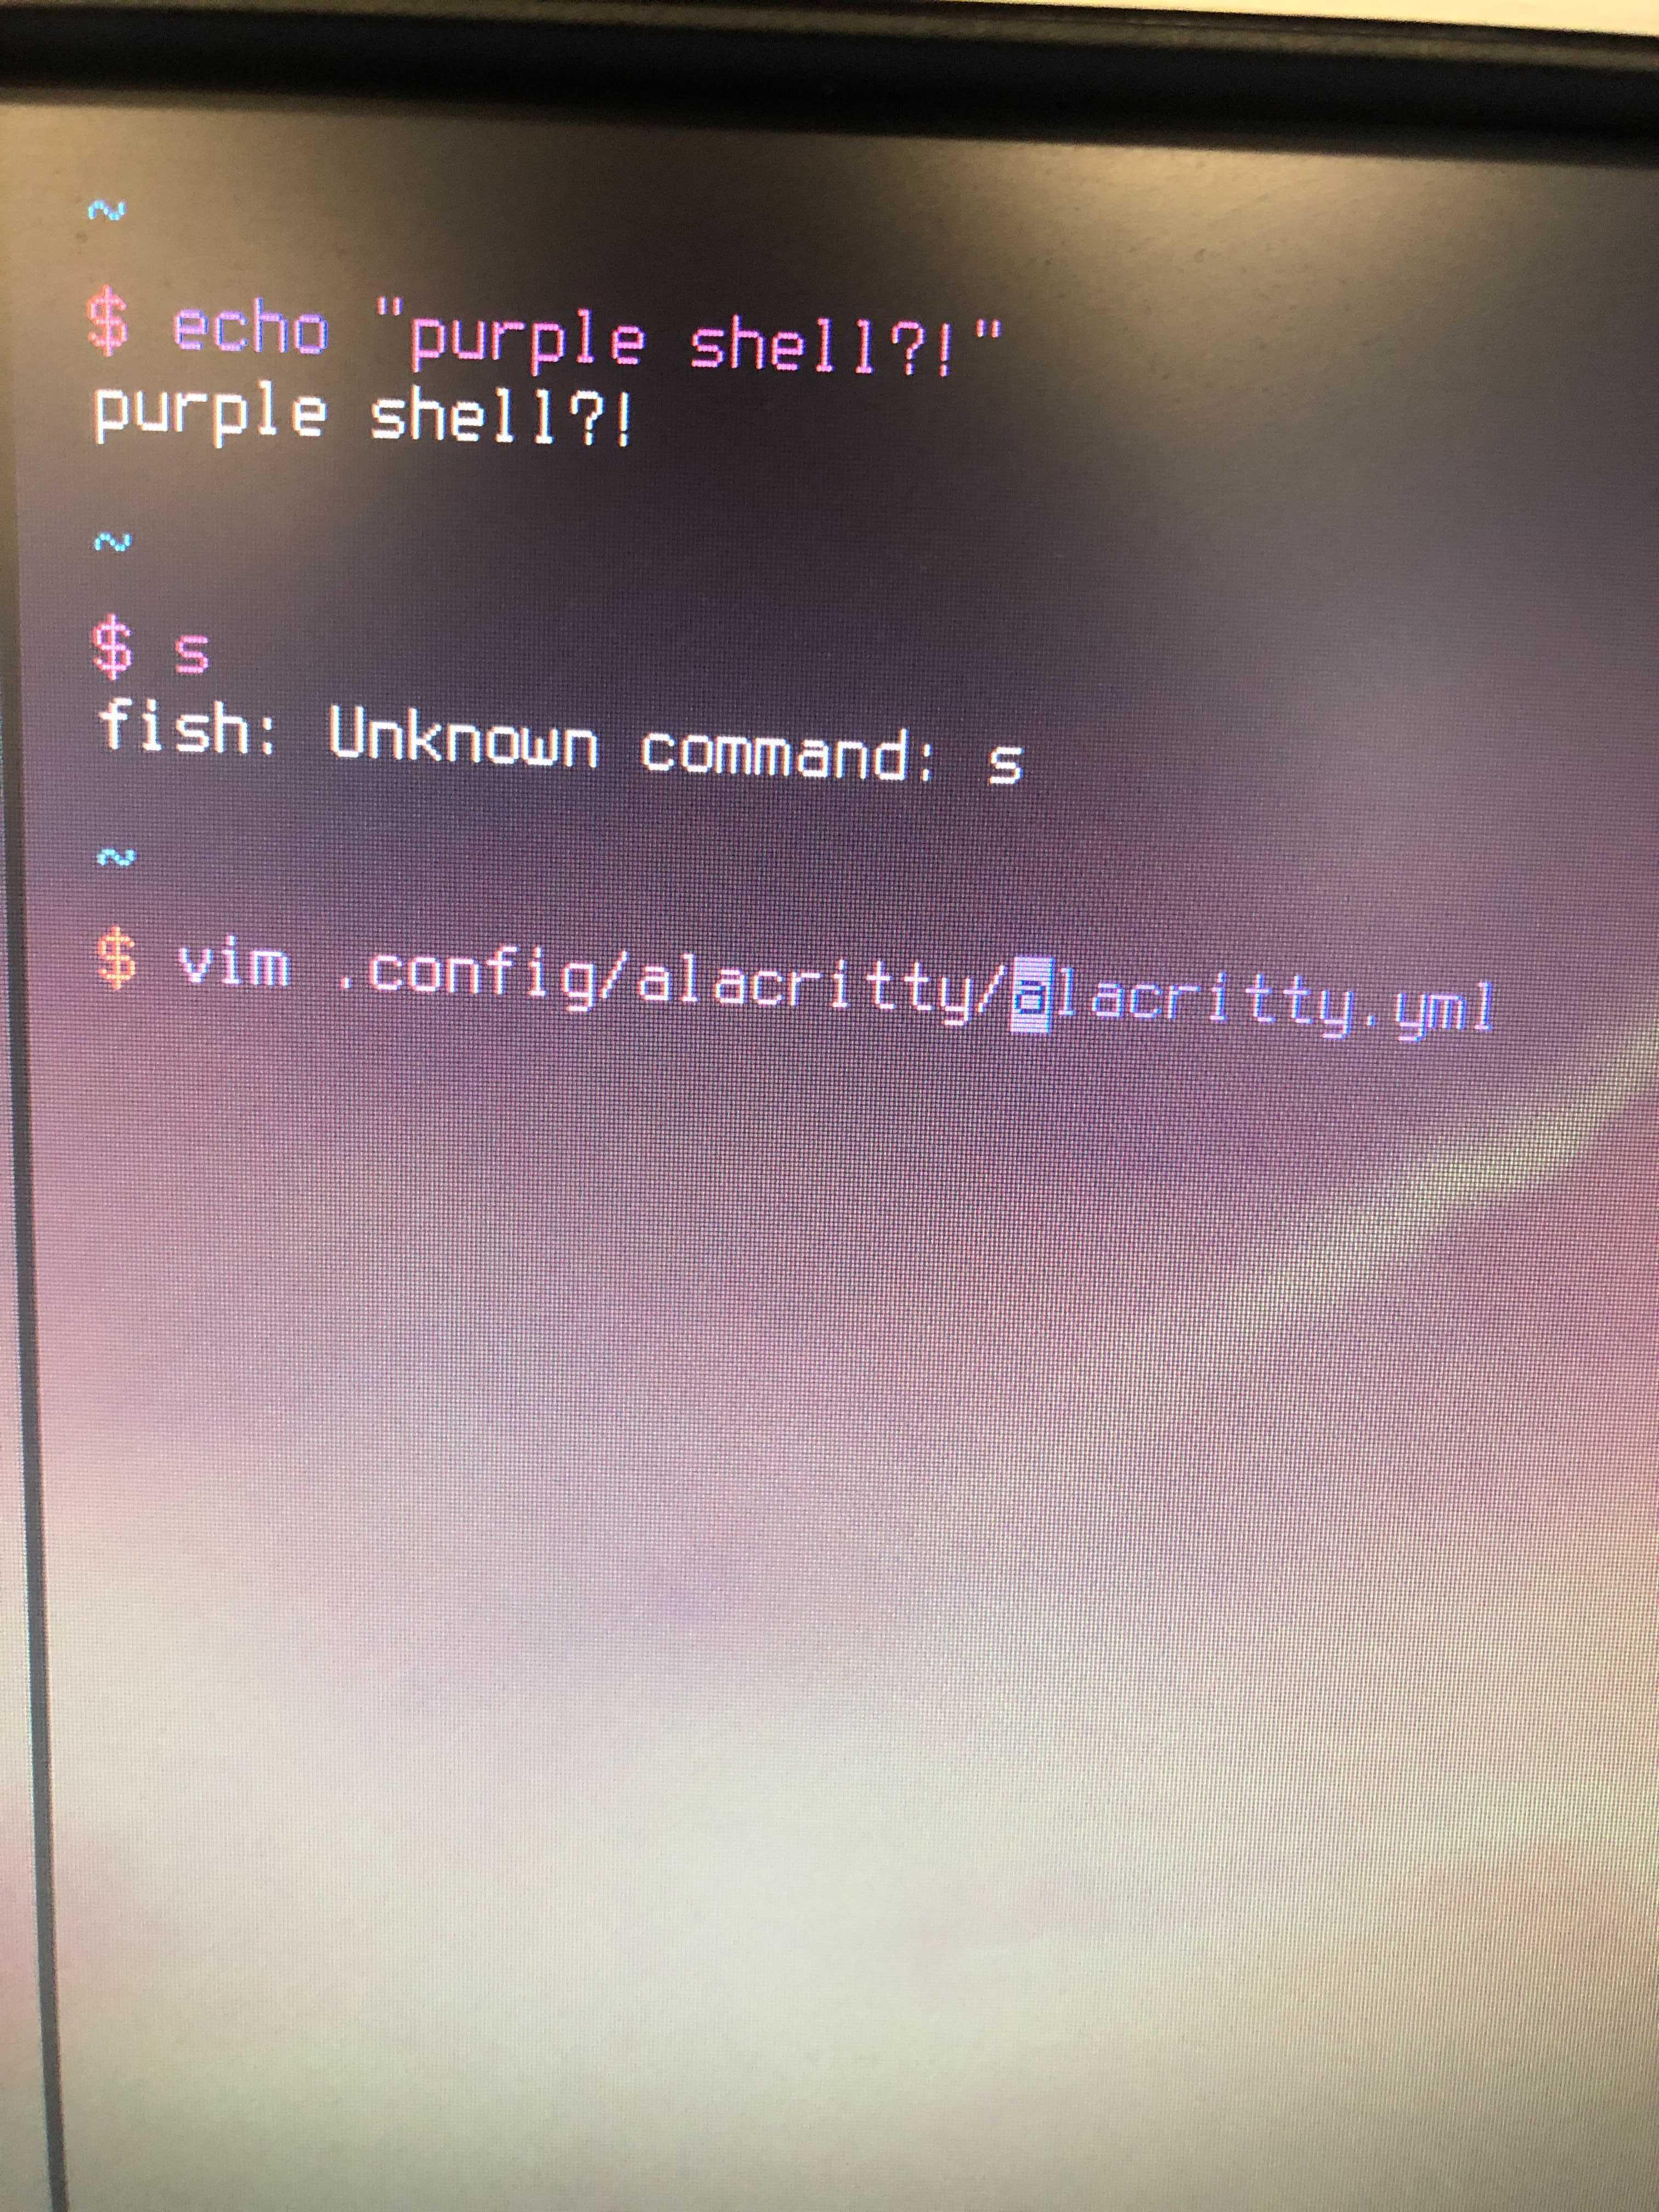 https://cloud-5hg28704f-hack-club-bot.vercel.app/0image_from_ios.jpg